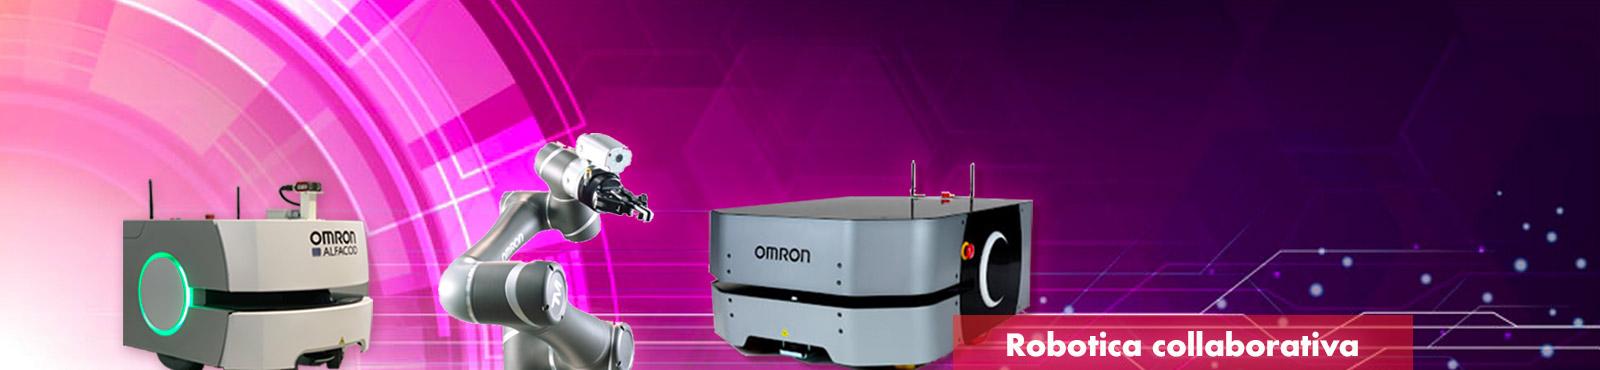 alfacod-robotica-collaborativa